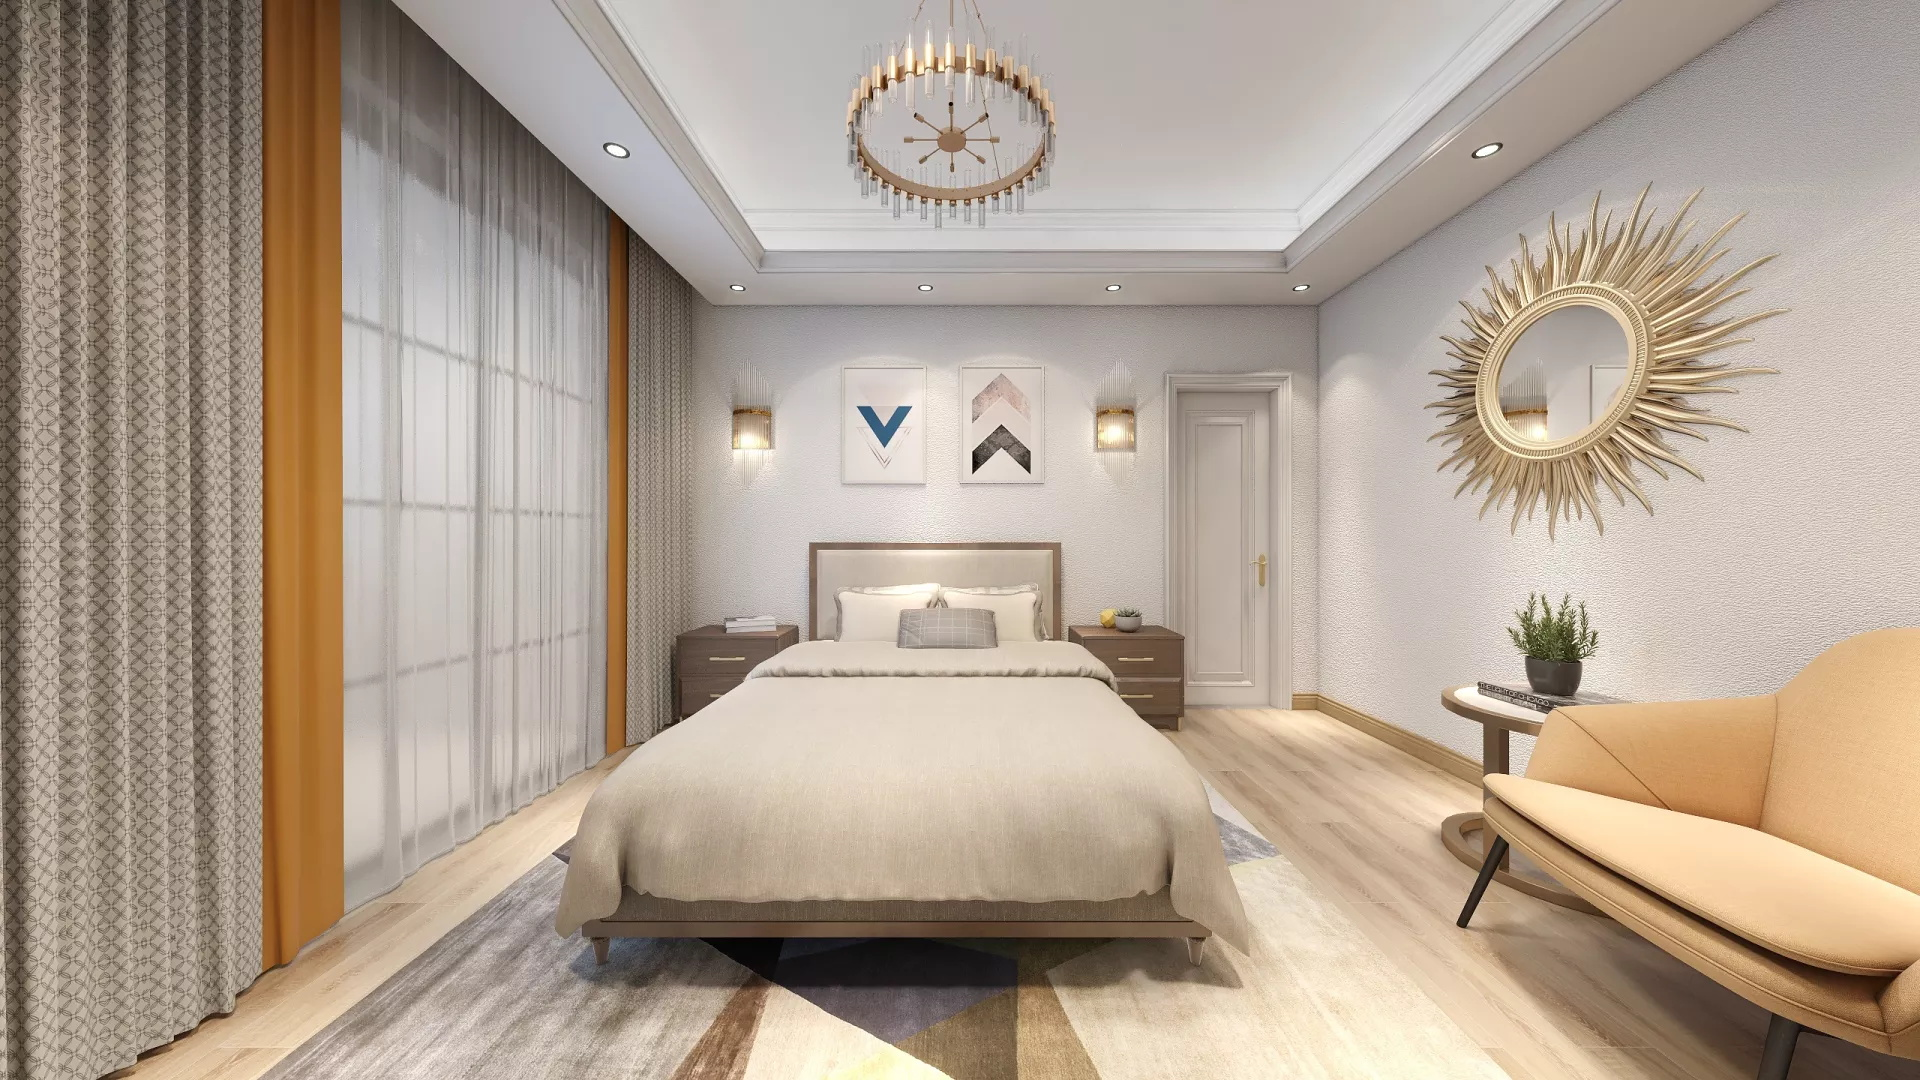 室内装修禁忌有哪些 室内装修常见的误区